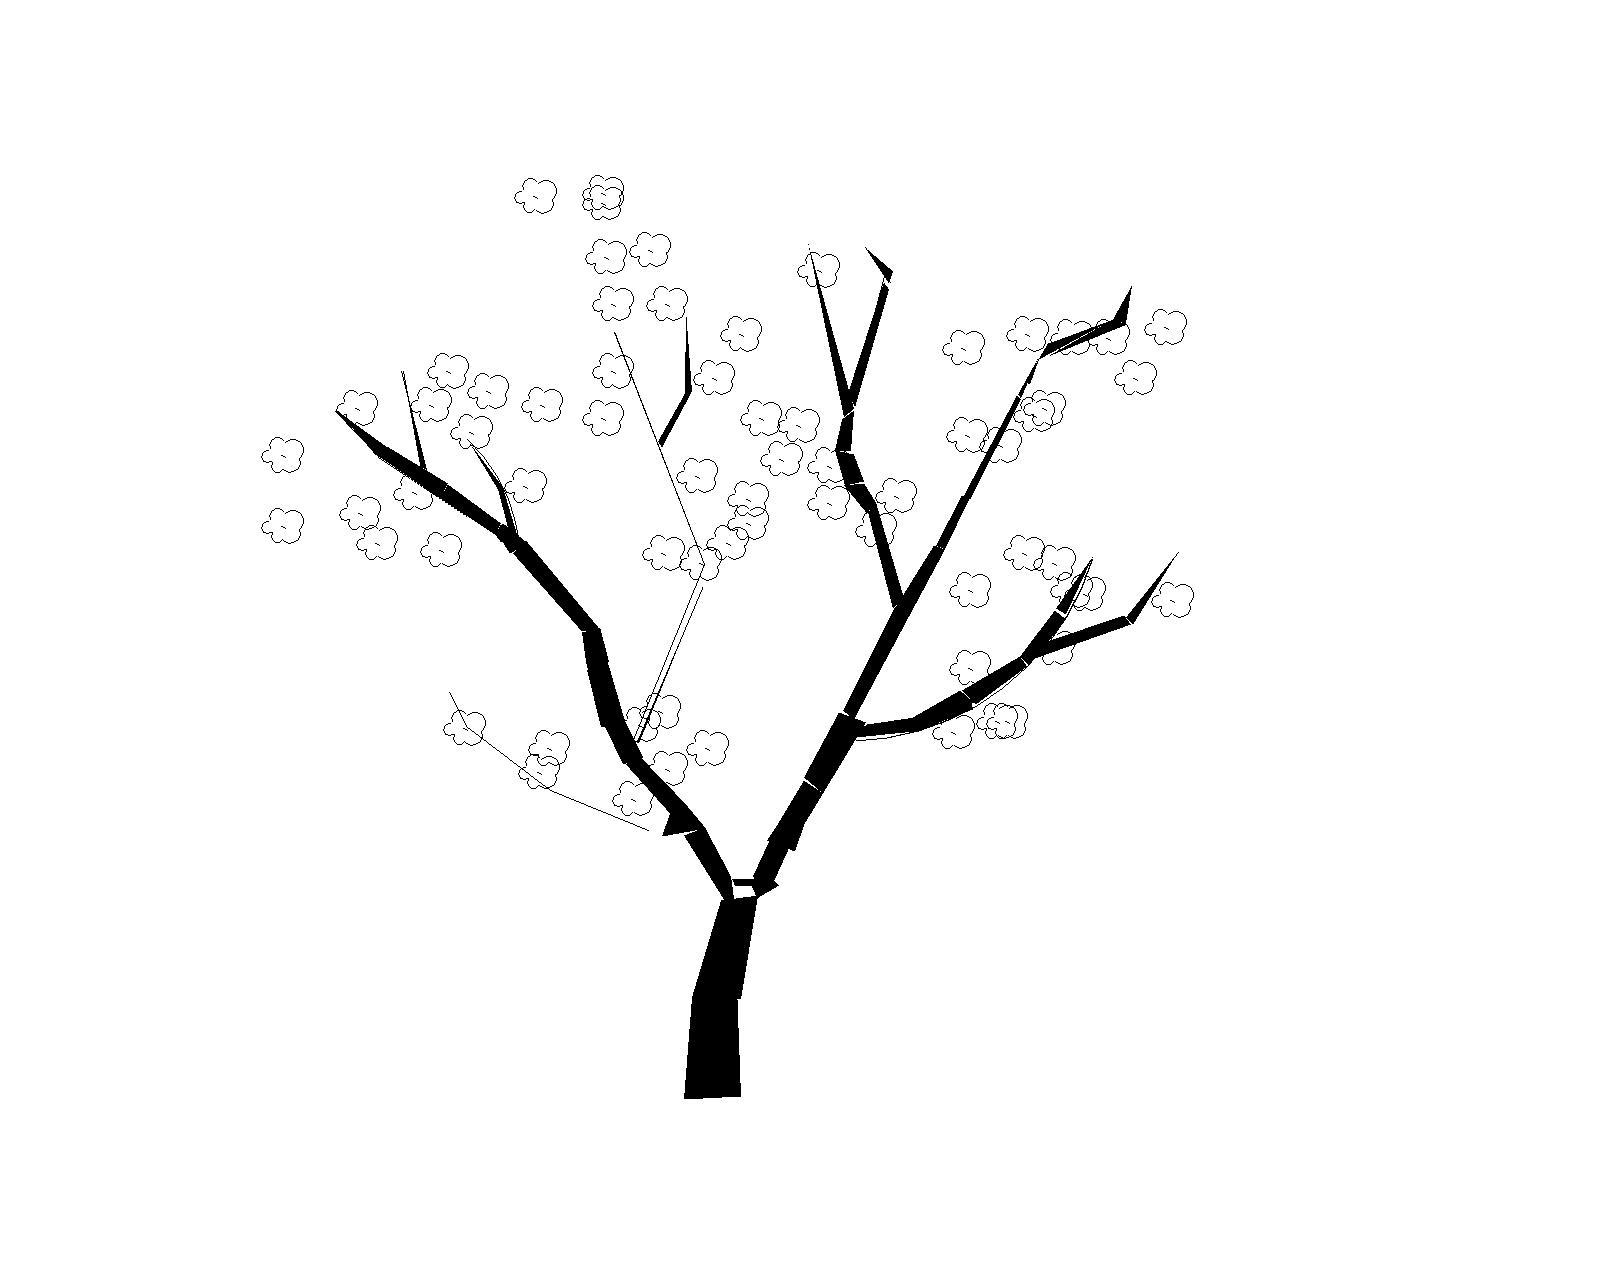 电脑树状结构桌面